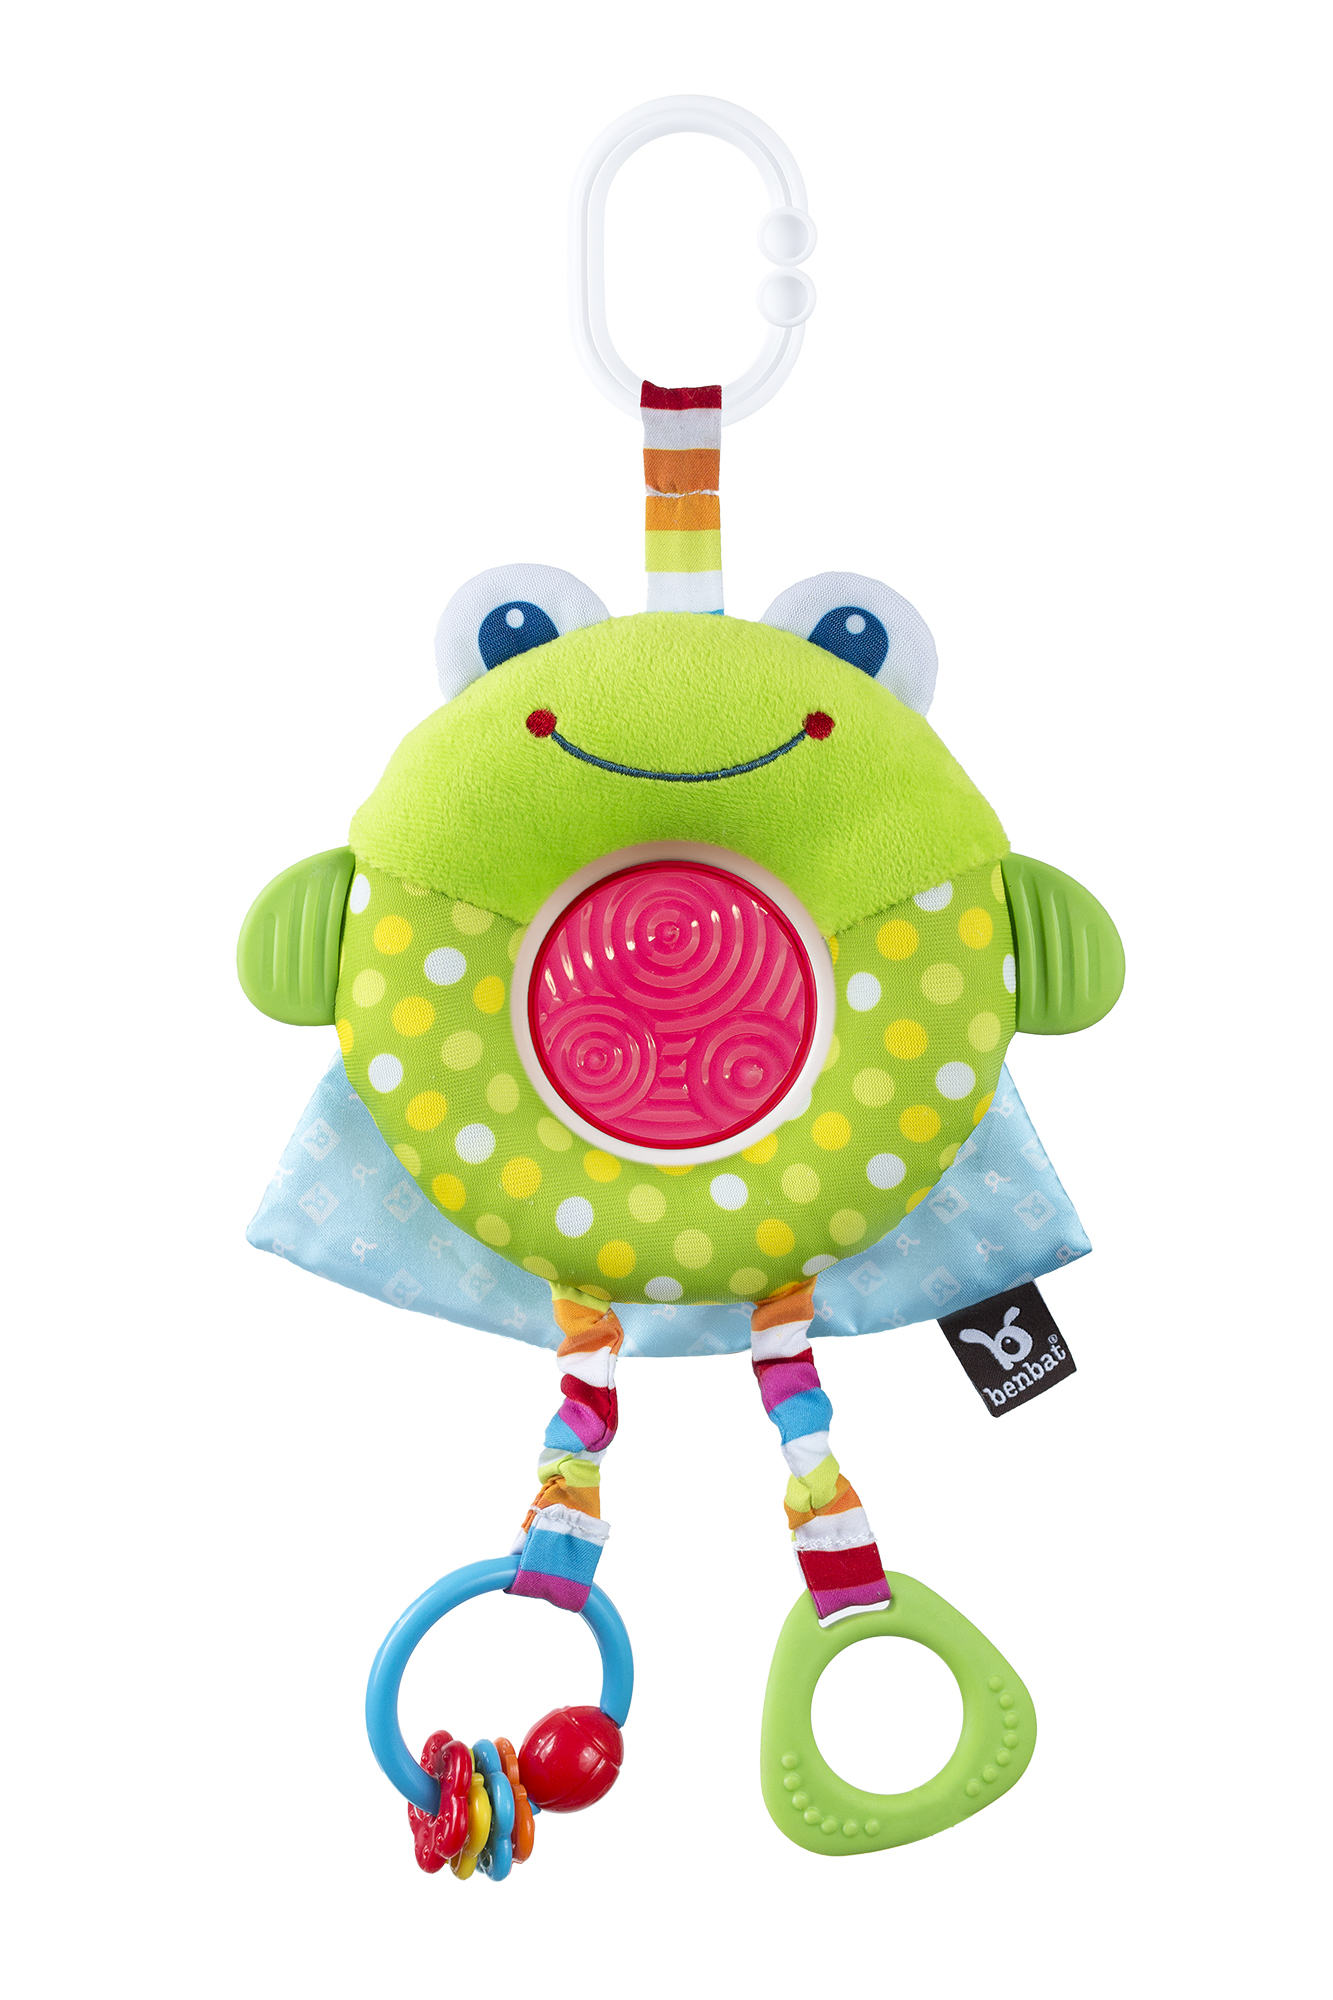 Závěsná hračka, Frog